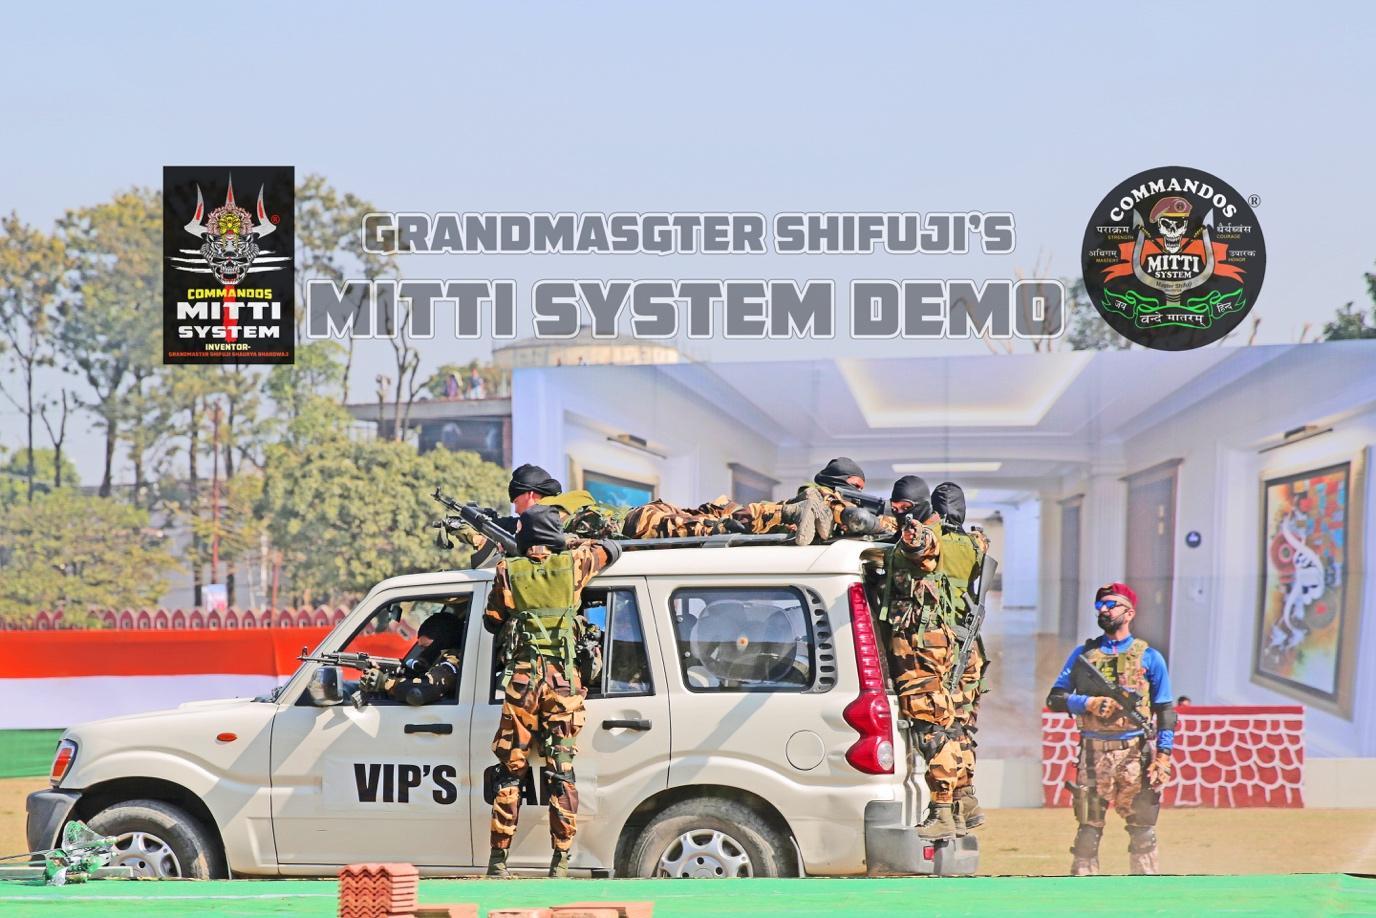 Master%20Shifuji's%20Mitti%20System%20Commandos%20Mentoring%209.jpg